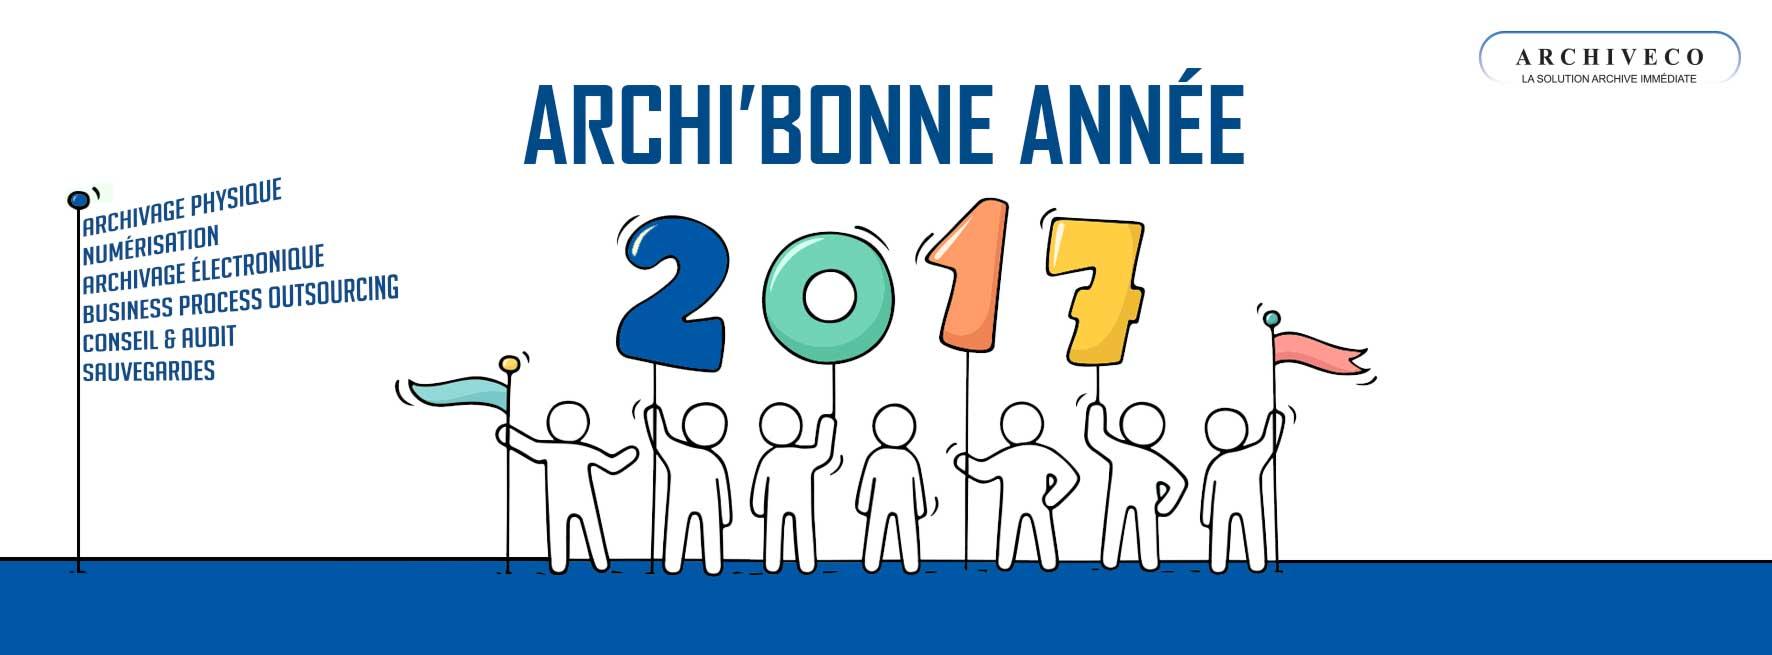 archibonne-annee-archiveco